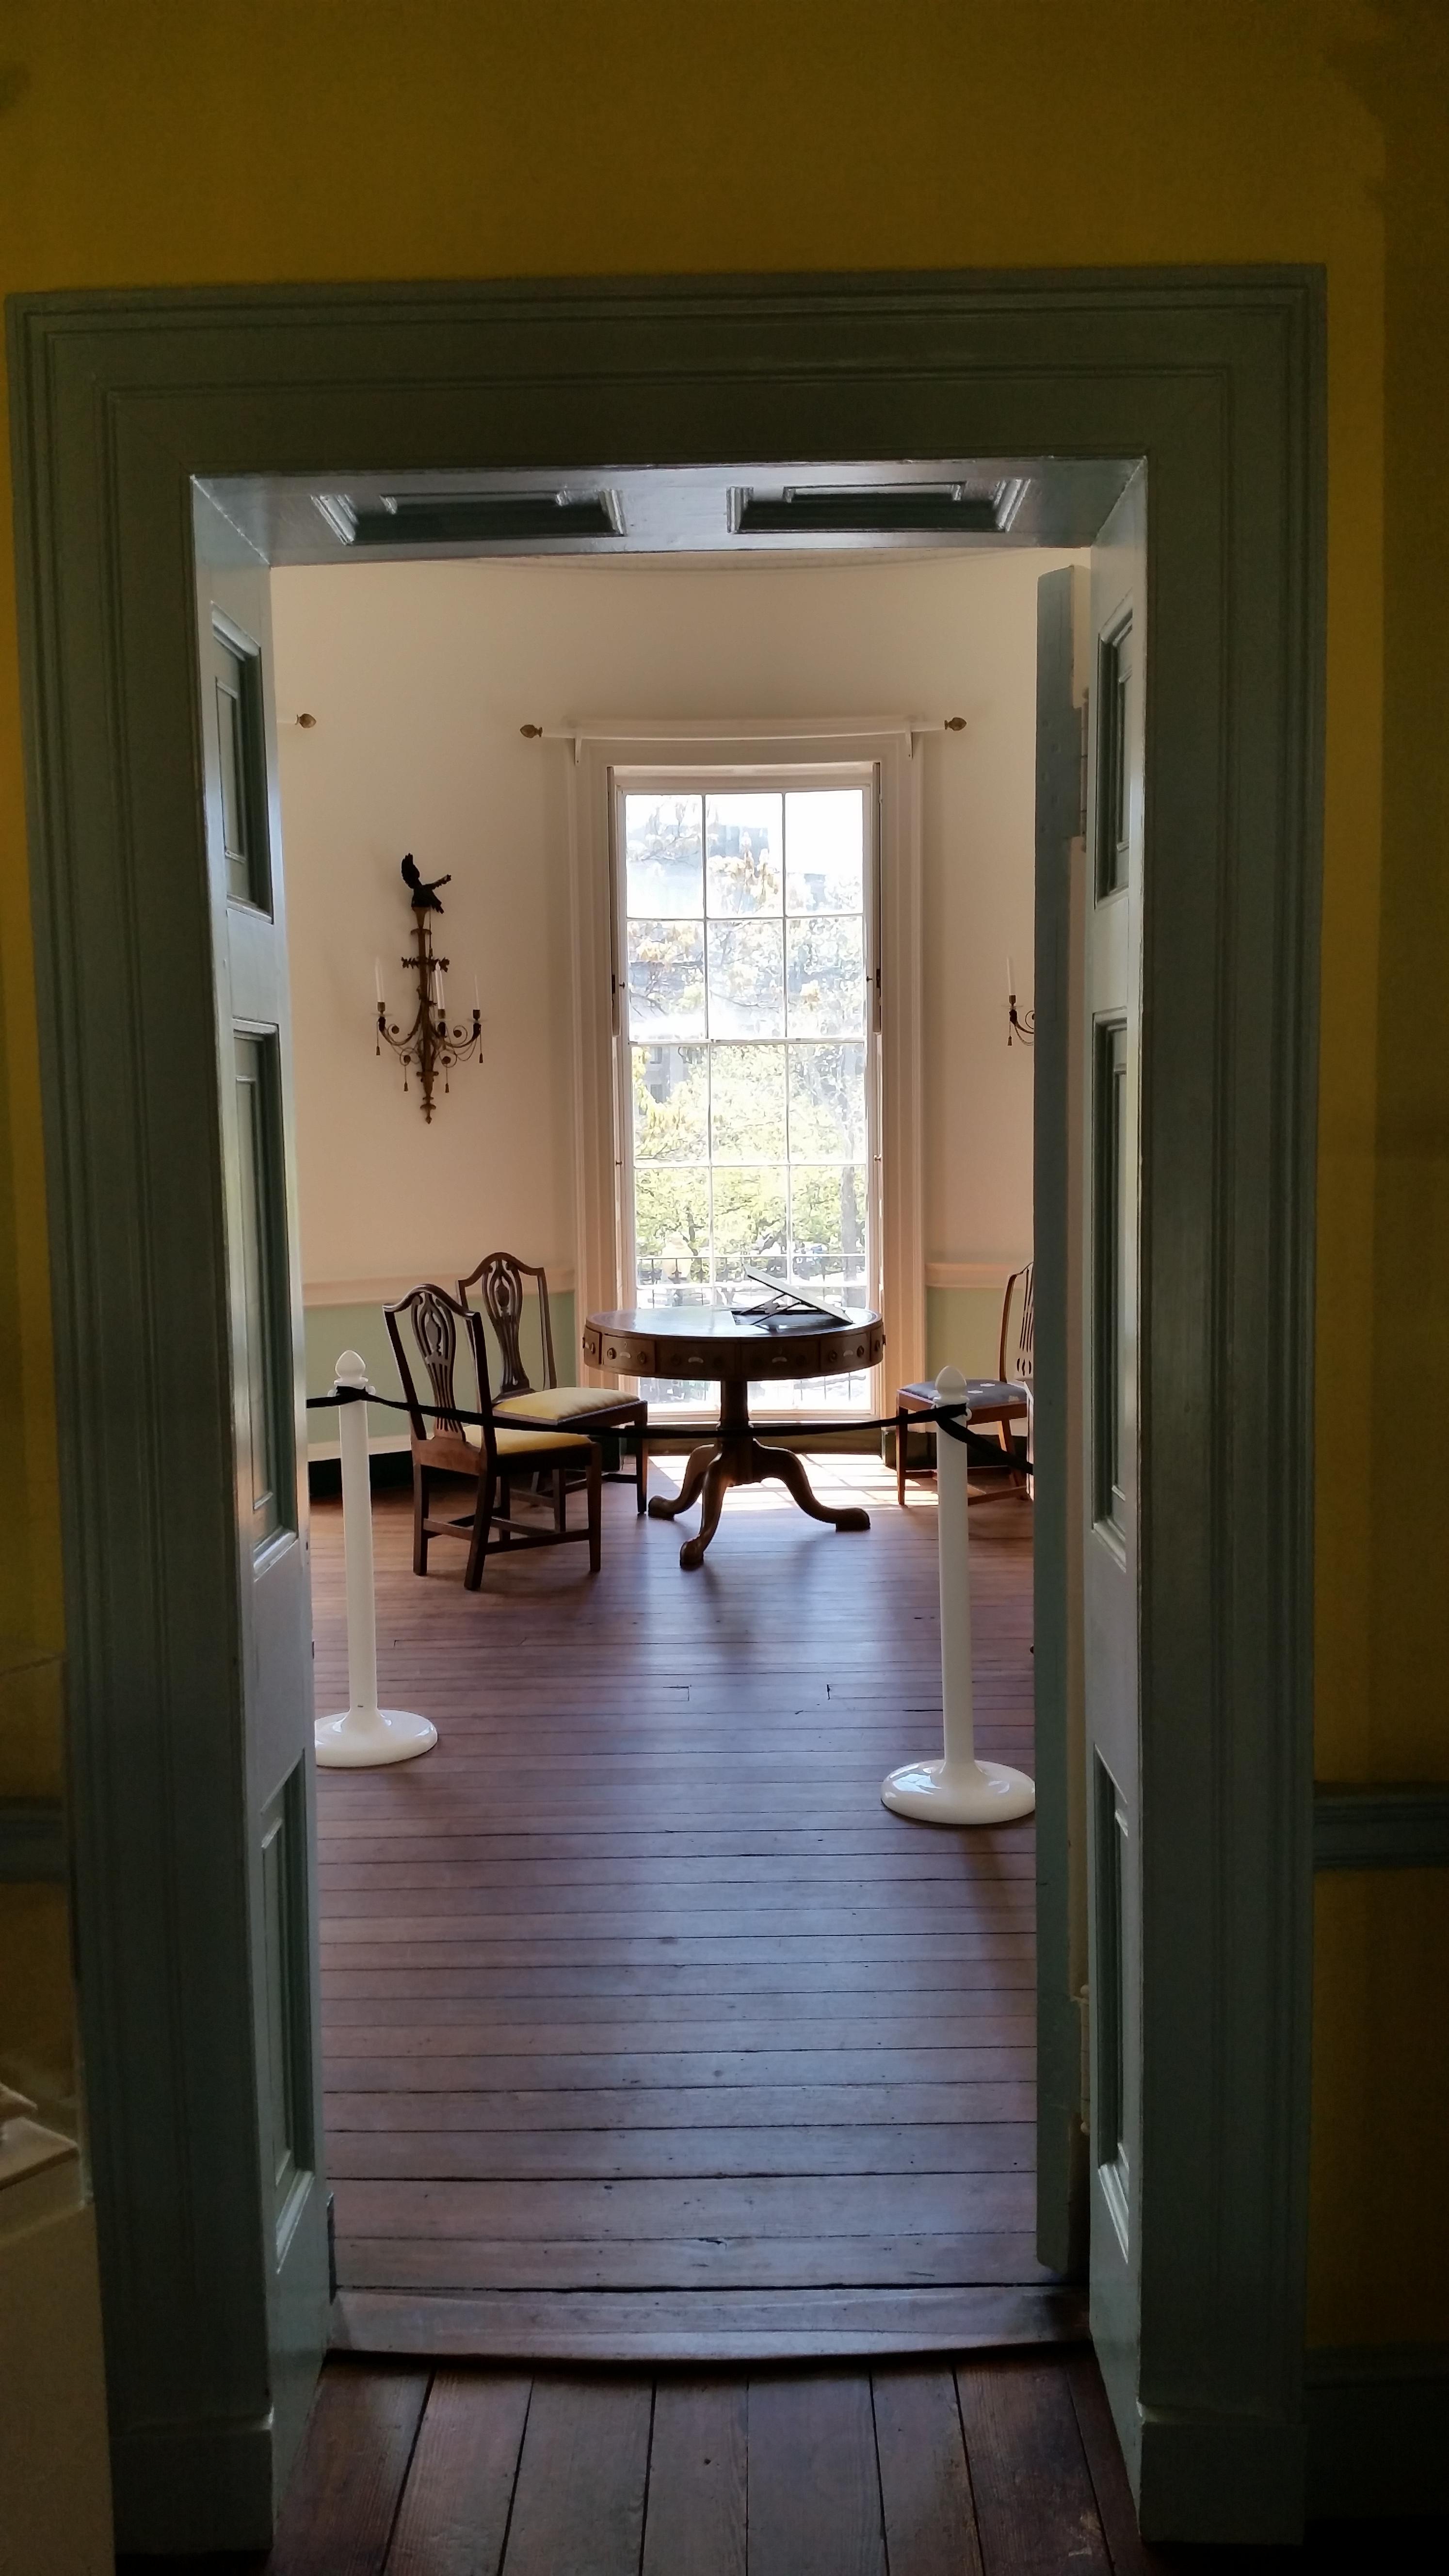 Treaty Room entrance